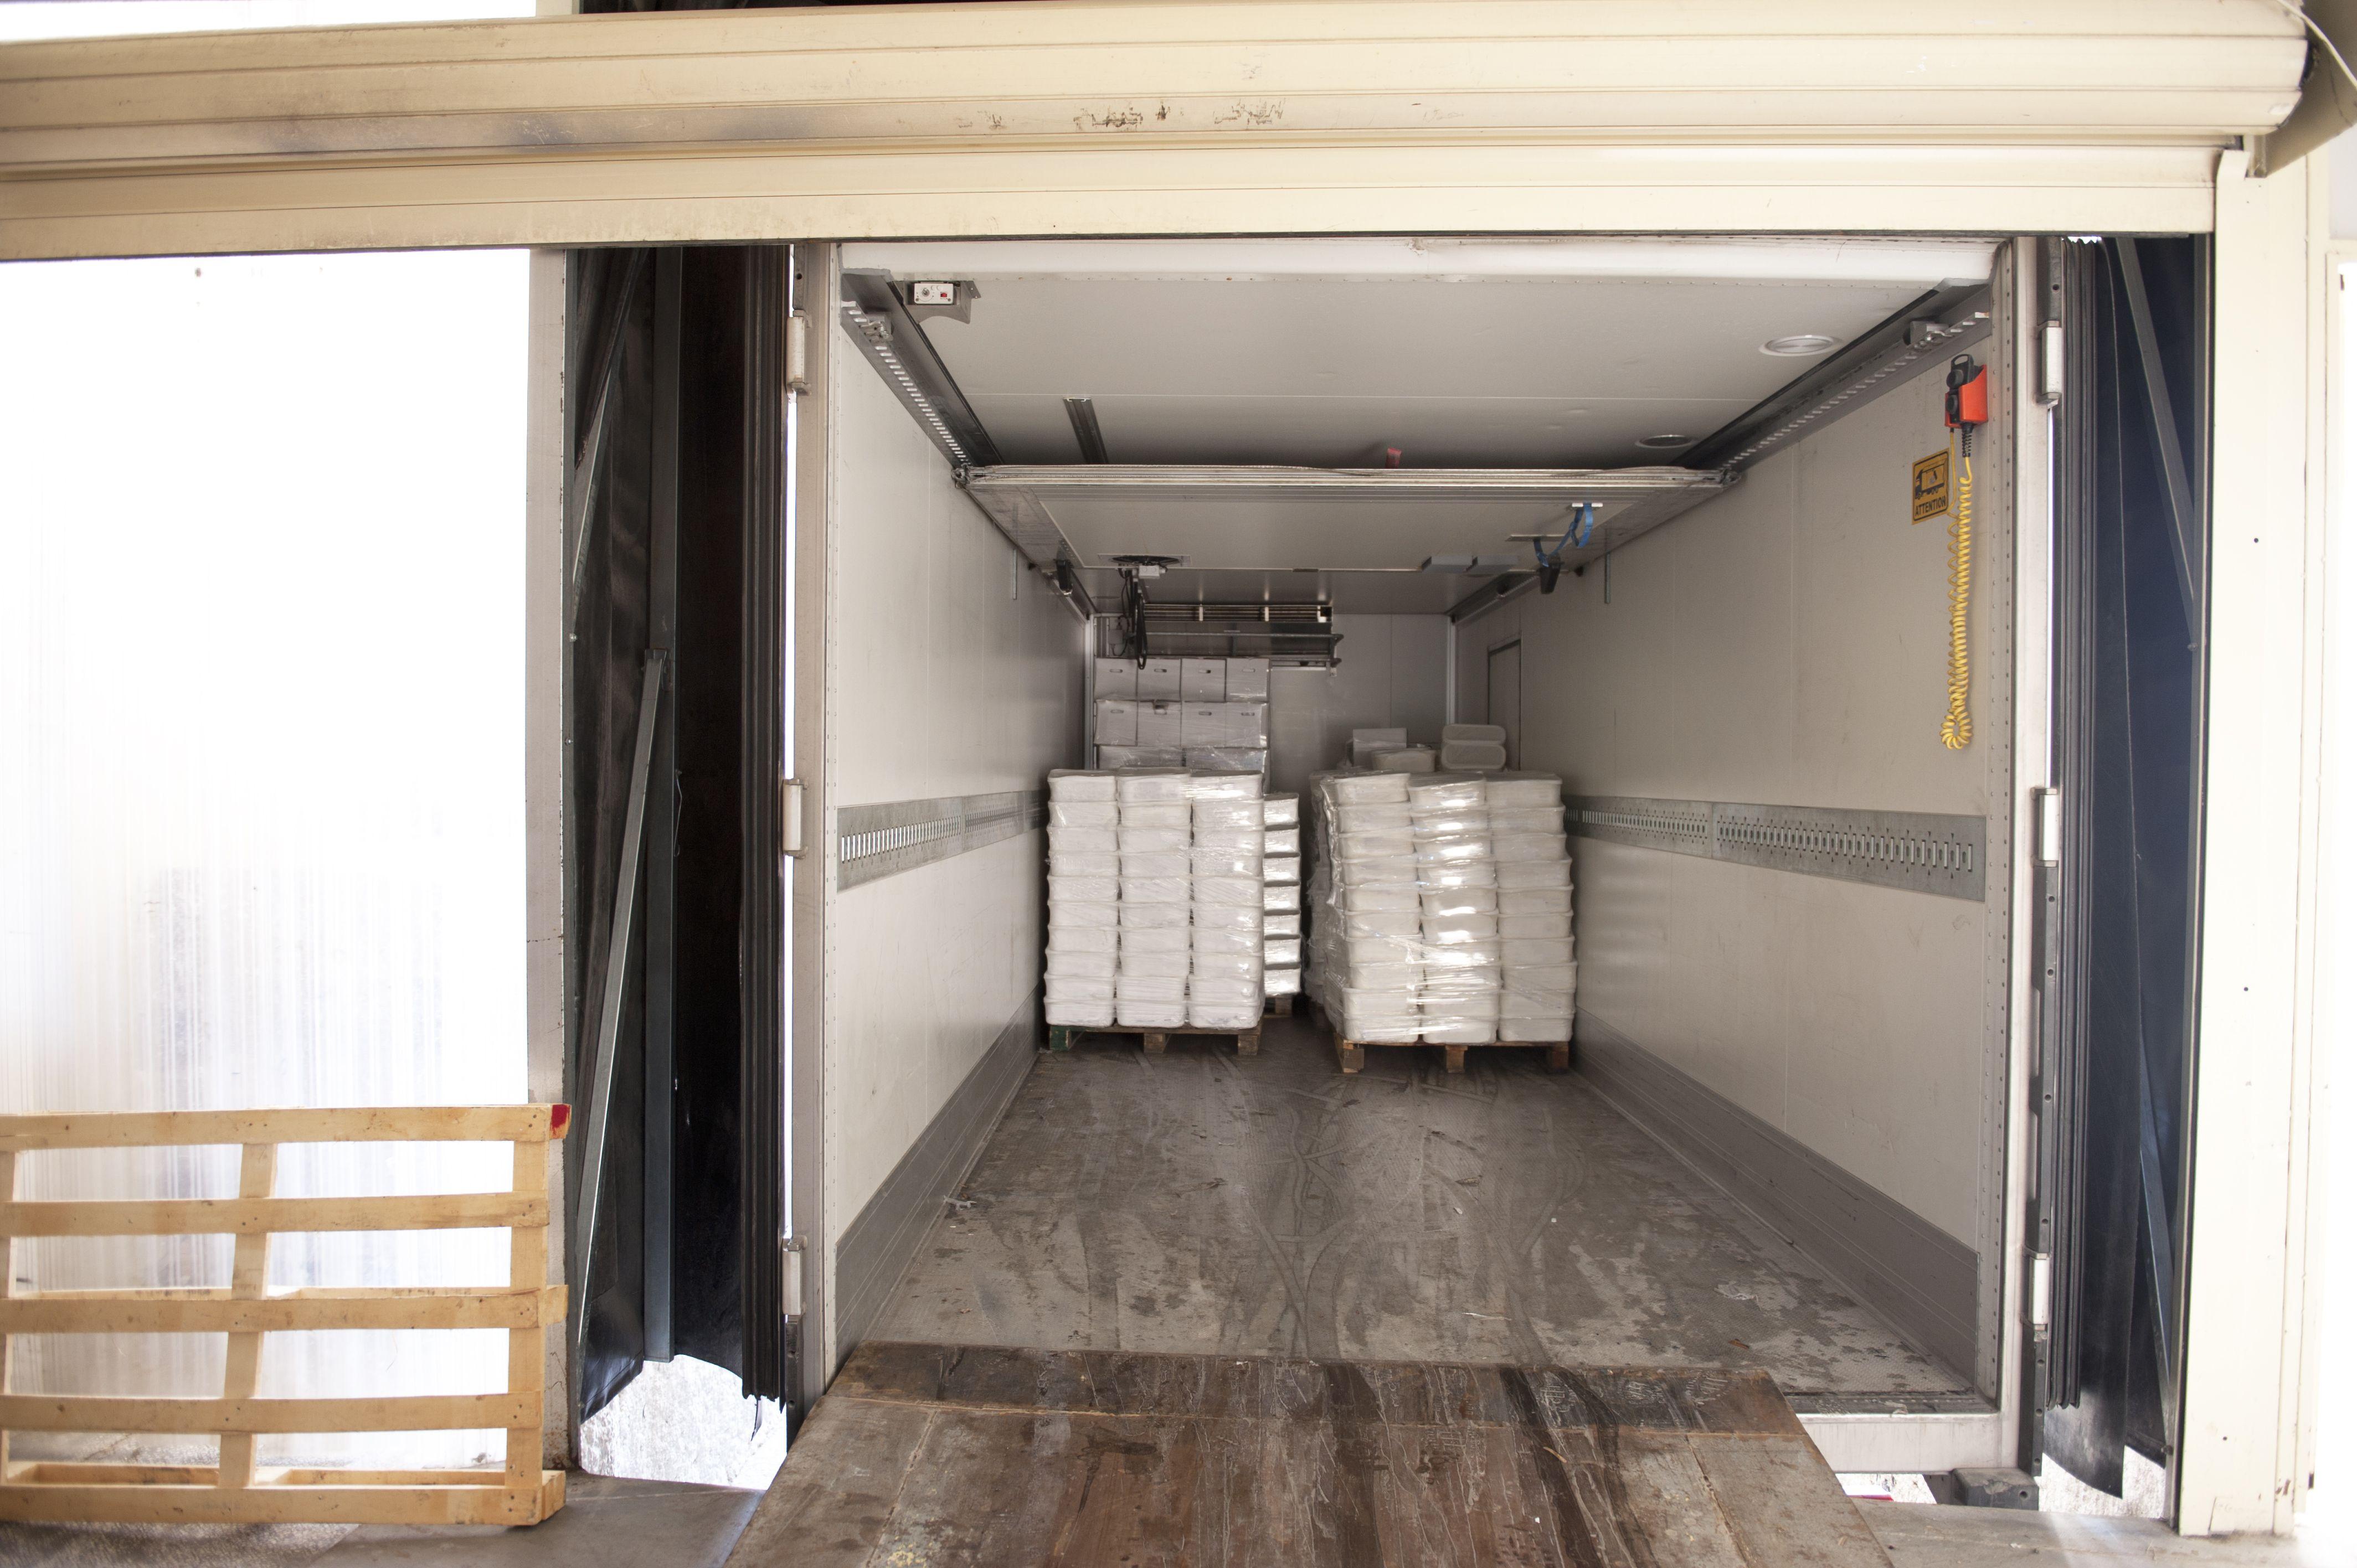 Cargas completas y grupajes: Servicios de Logística y Transporte Friosol